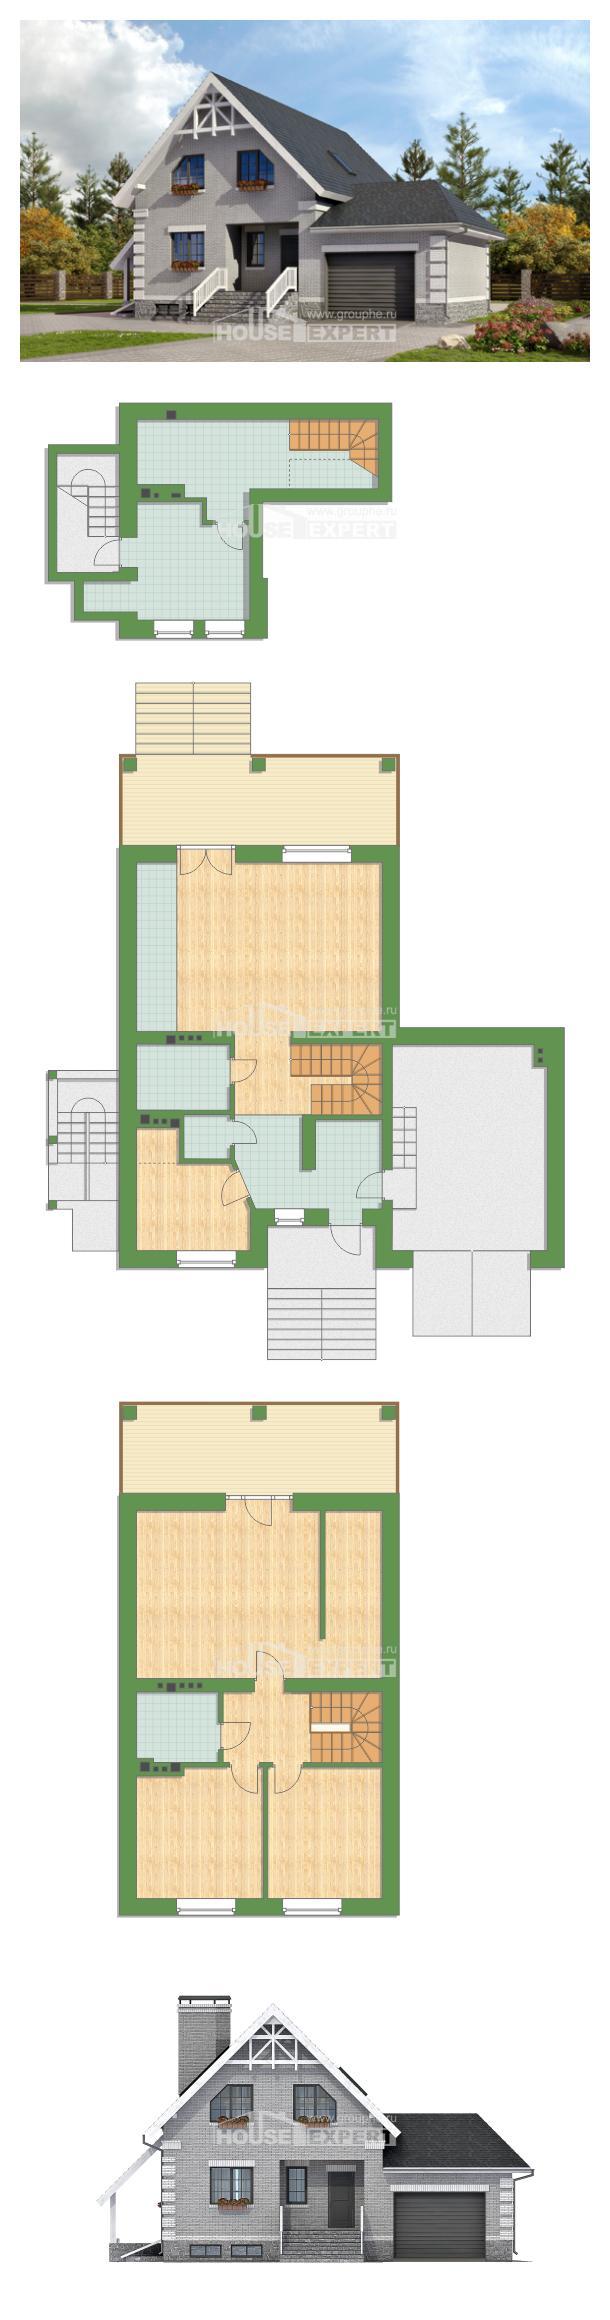 Проект дома 200-009-П | House Expert